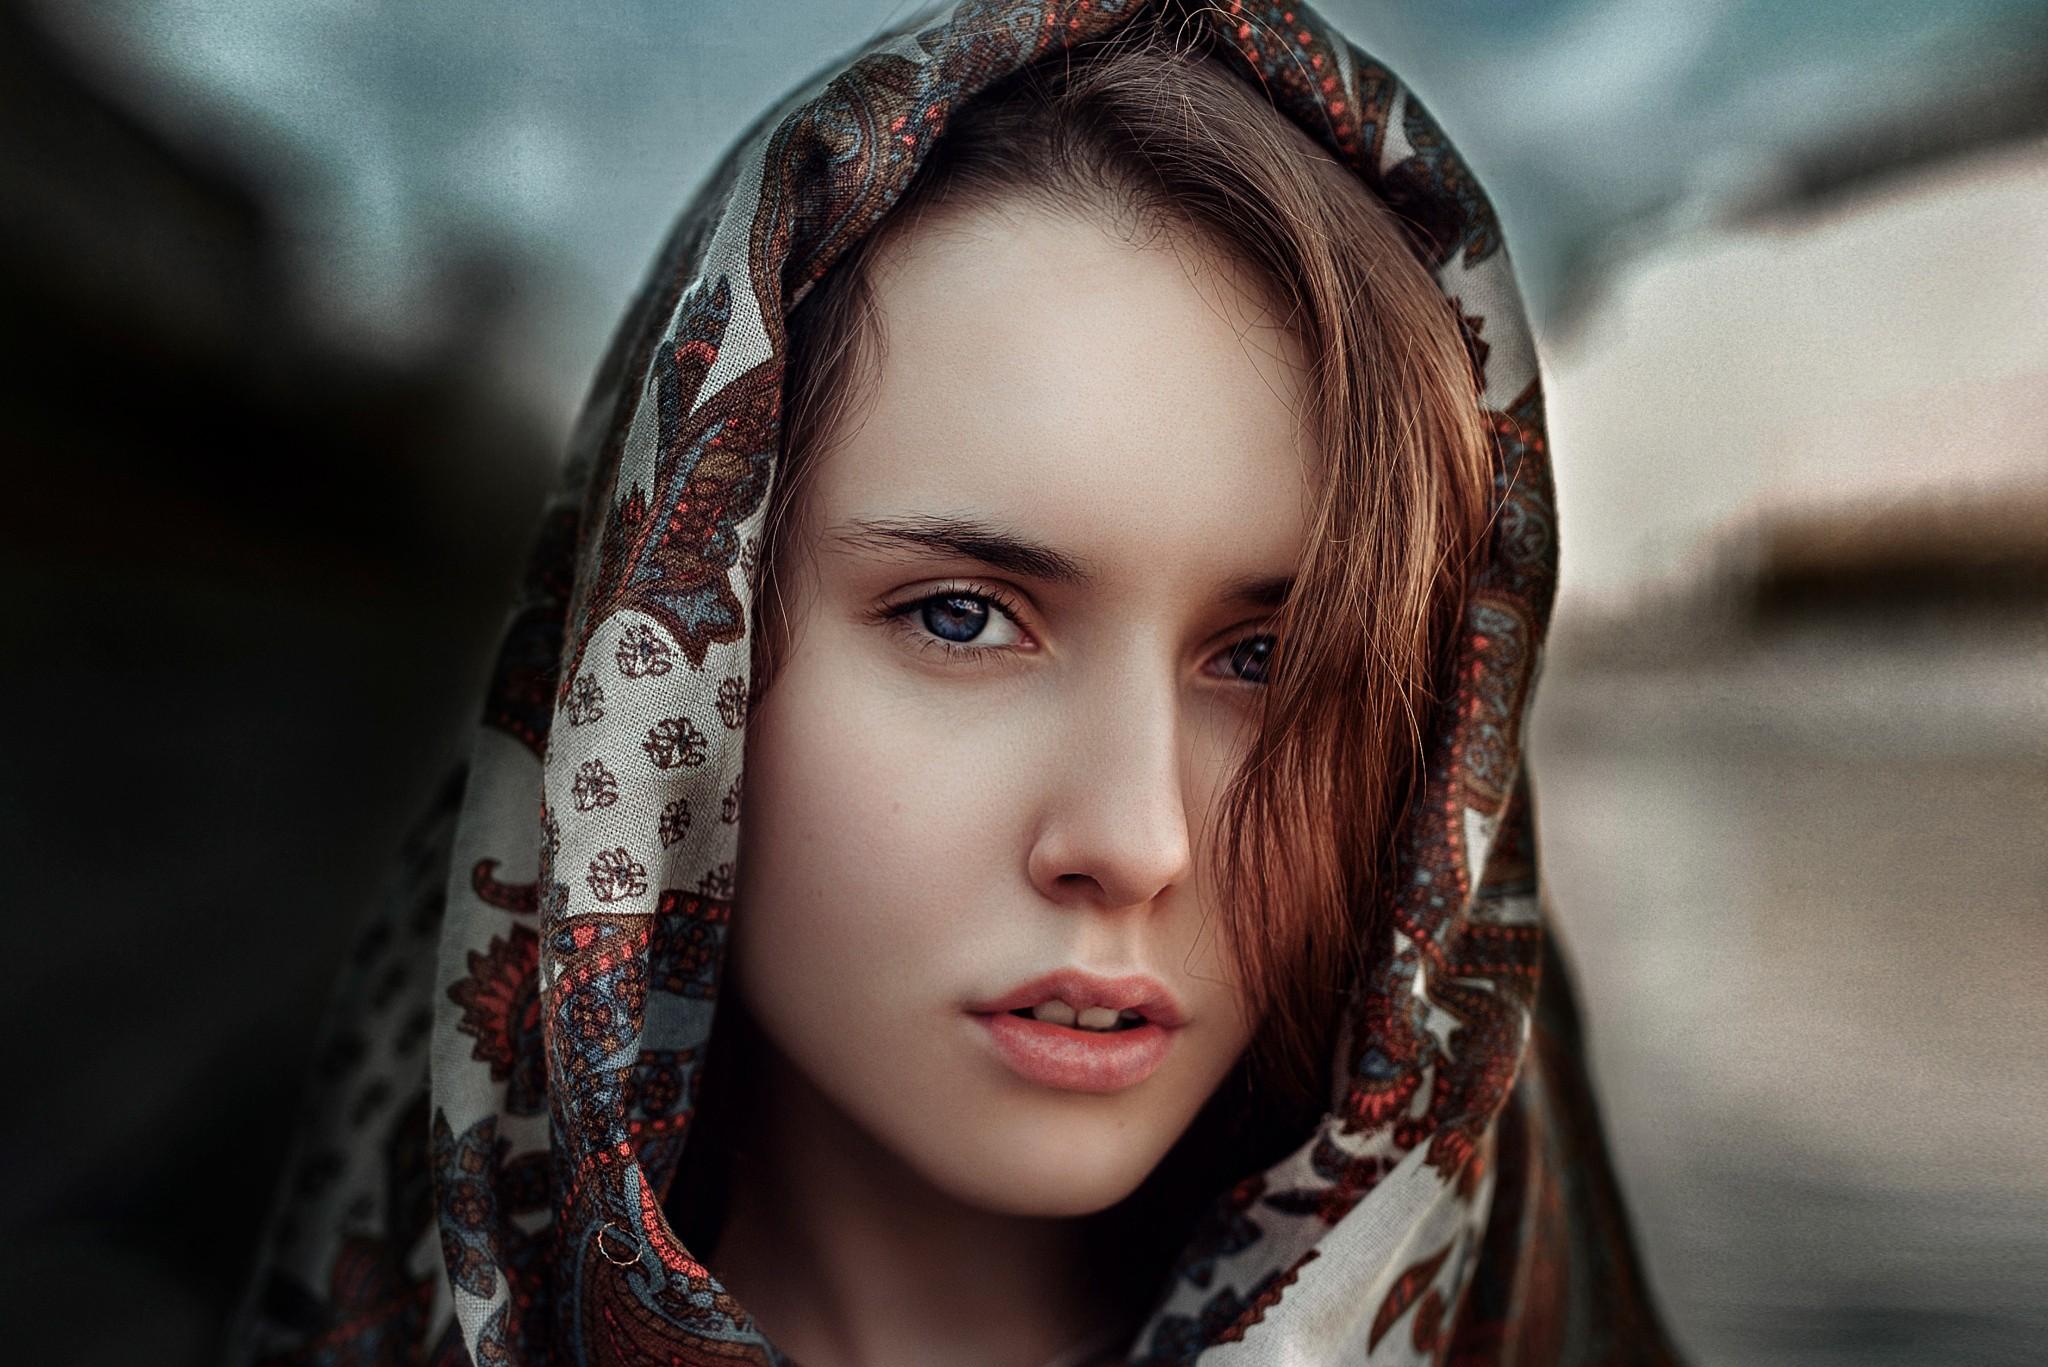 российская женская фотография малый